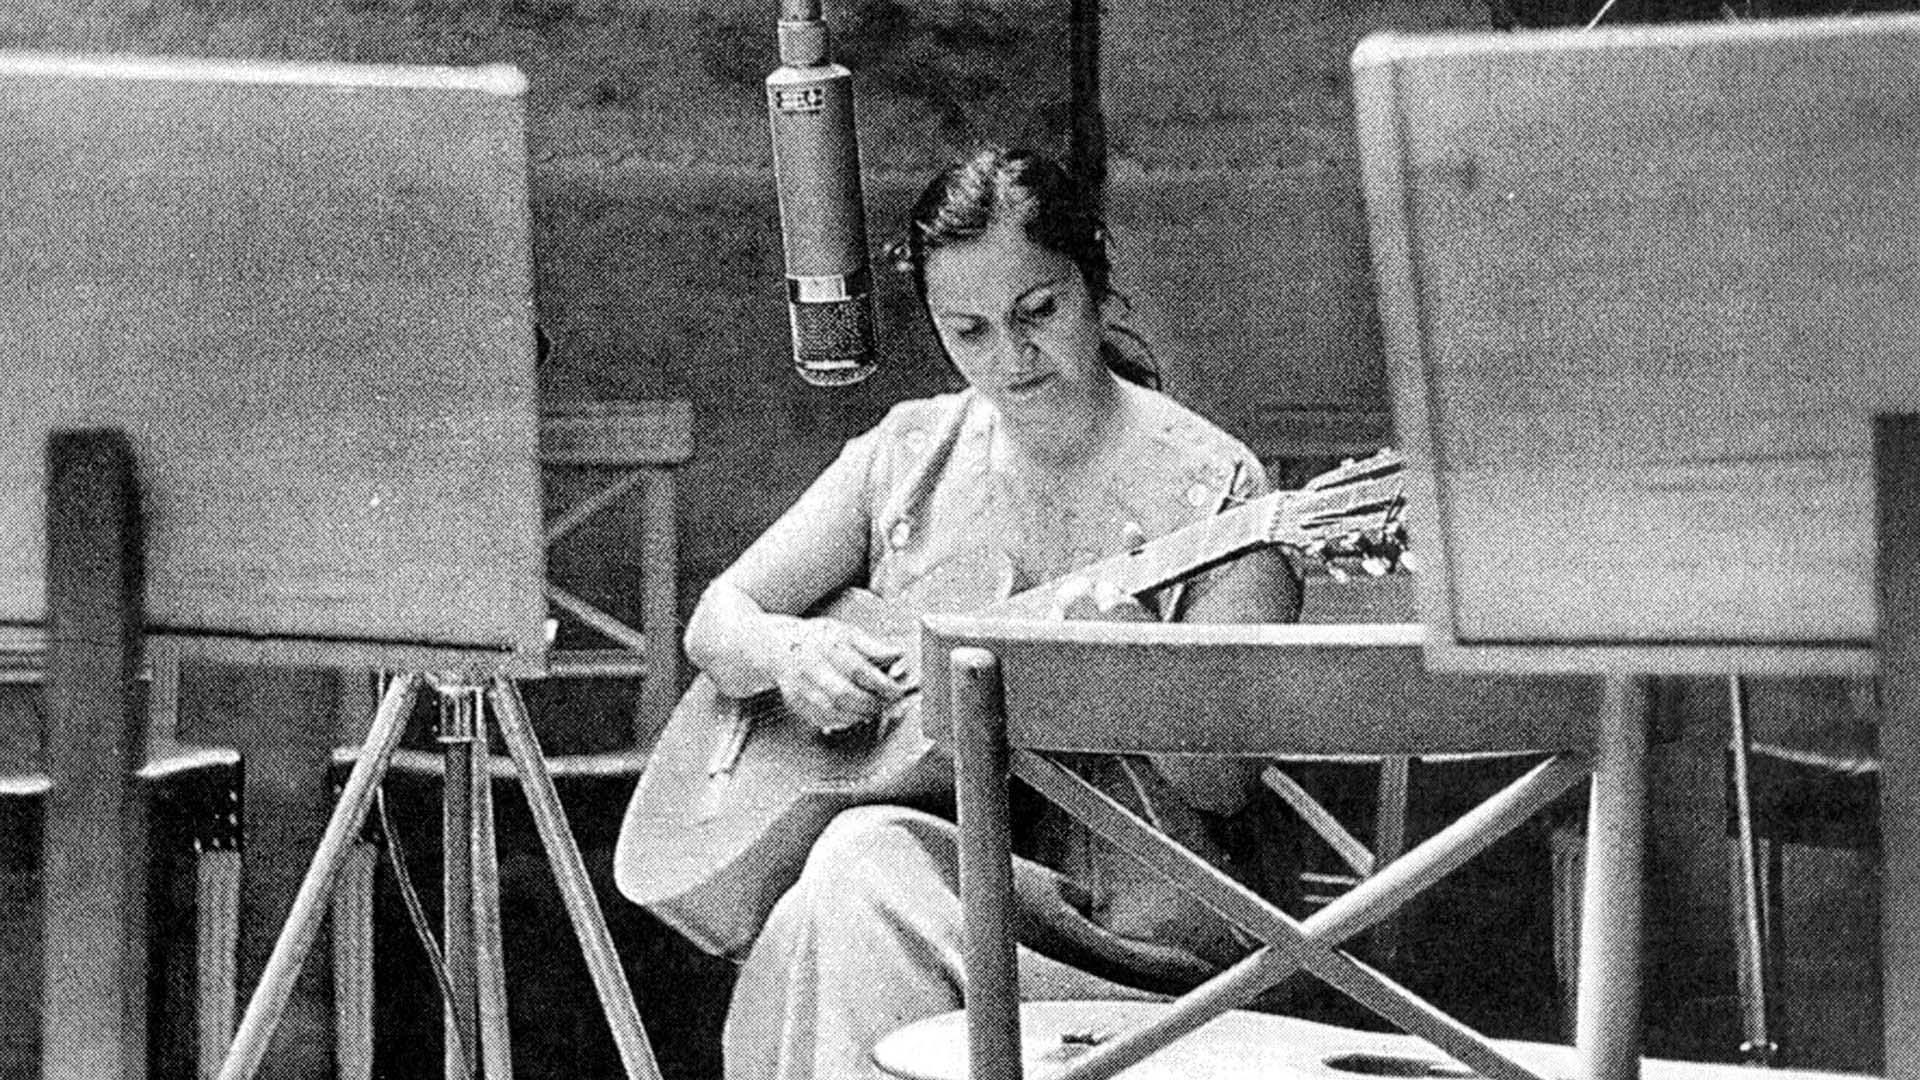 Violeta Parra nació el 4 de octubre de 1917 y murió el 5 de febrero de 1967. Este año, el aniversario es doblemente redondo